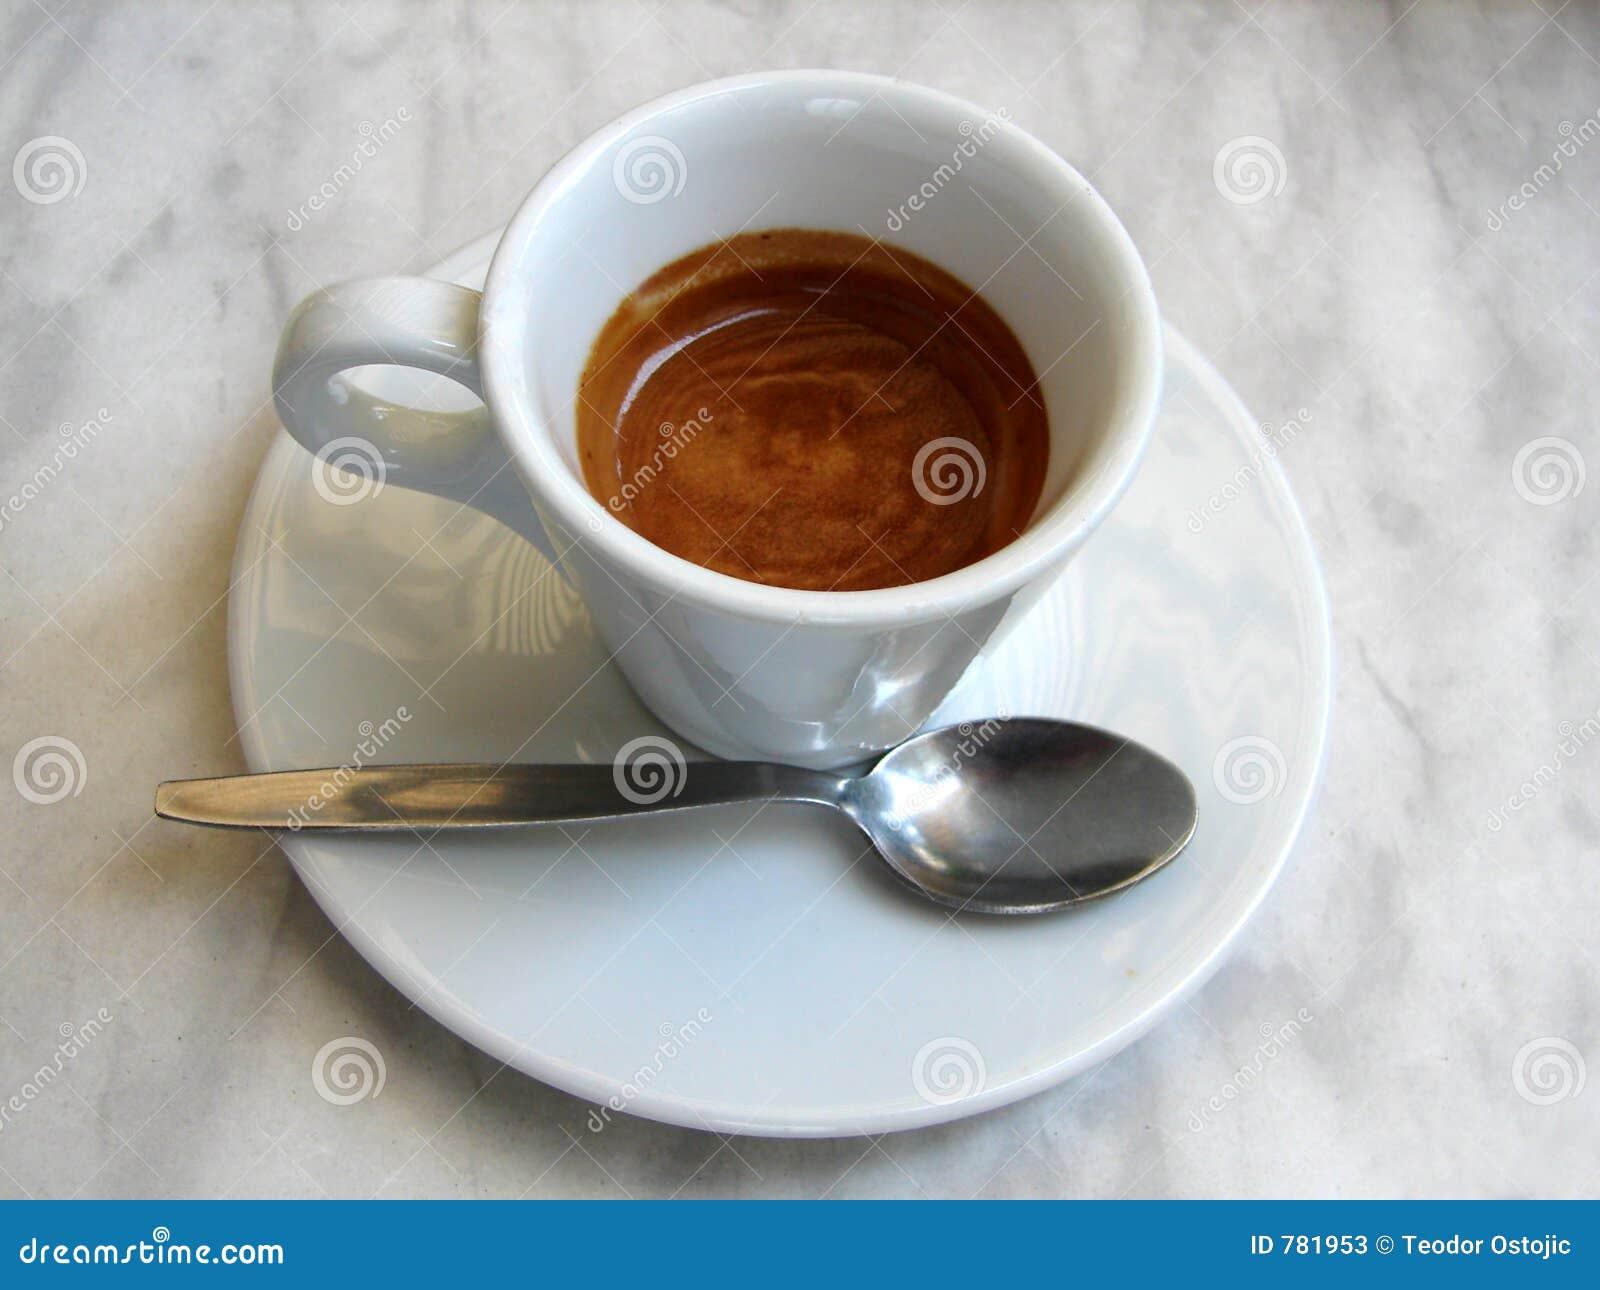 Cafe Espresso Stock Photos Image 781953